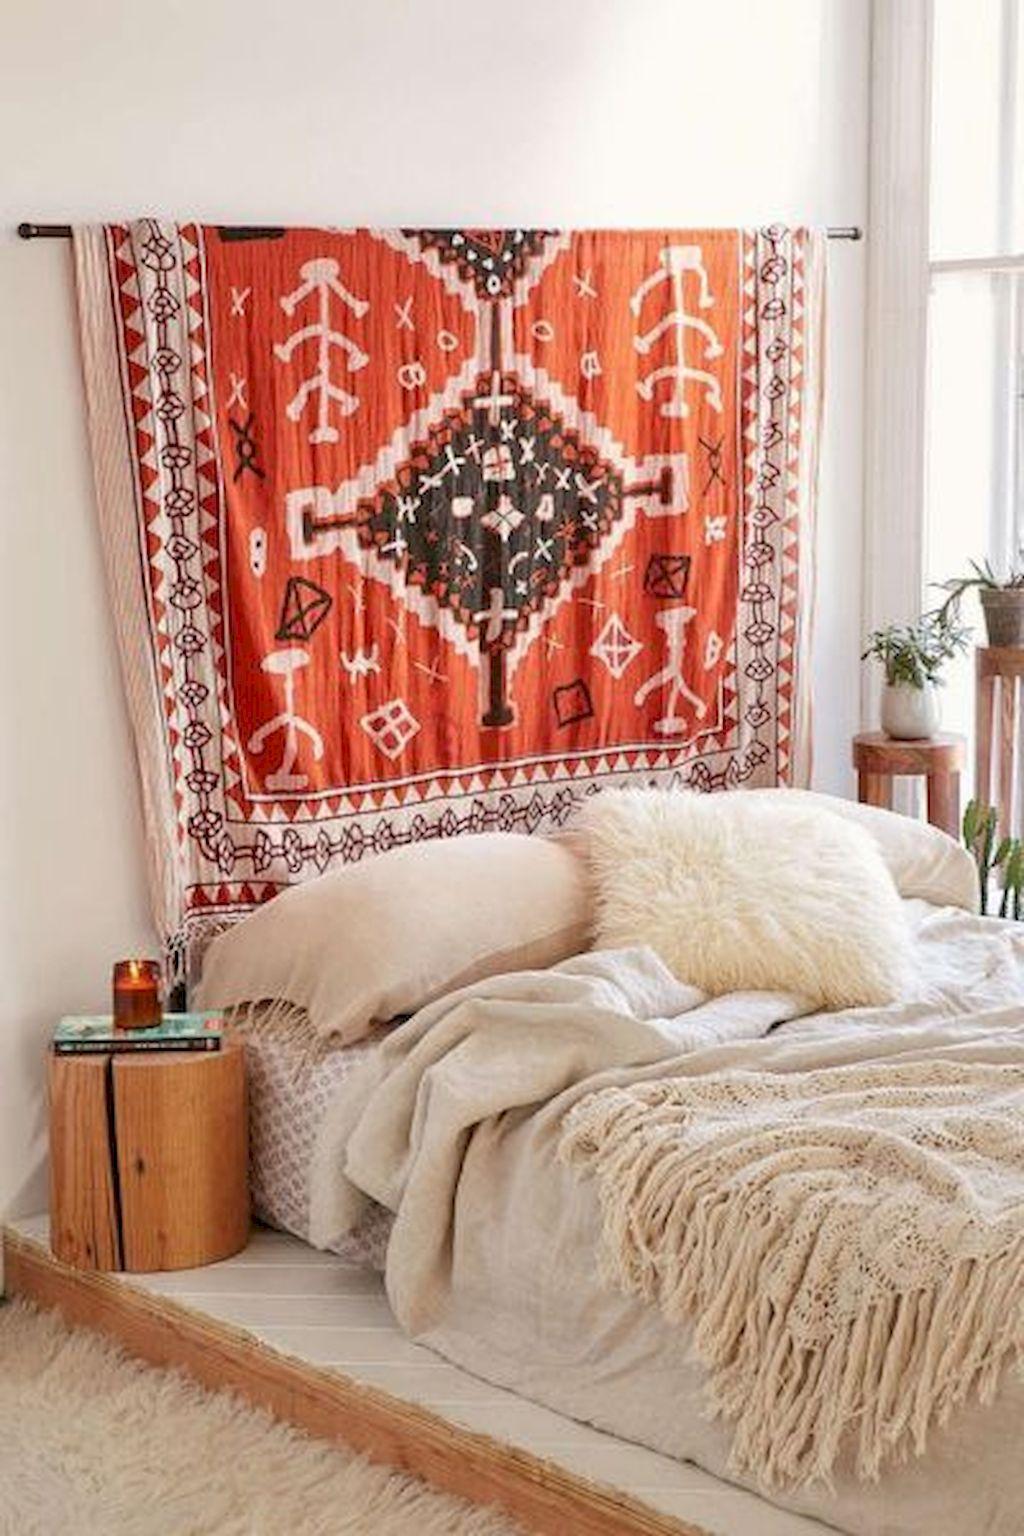 Boheiman Bedroom192